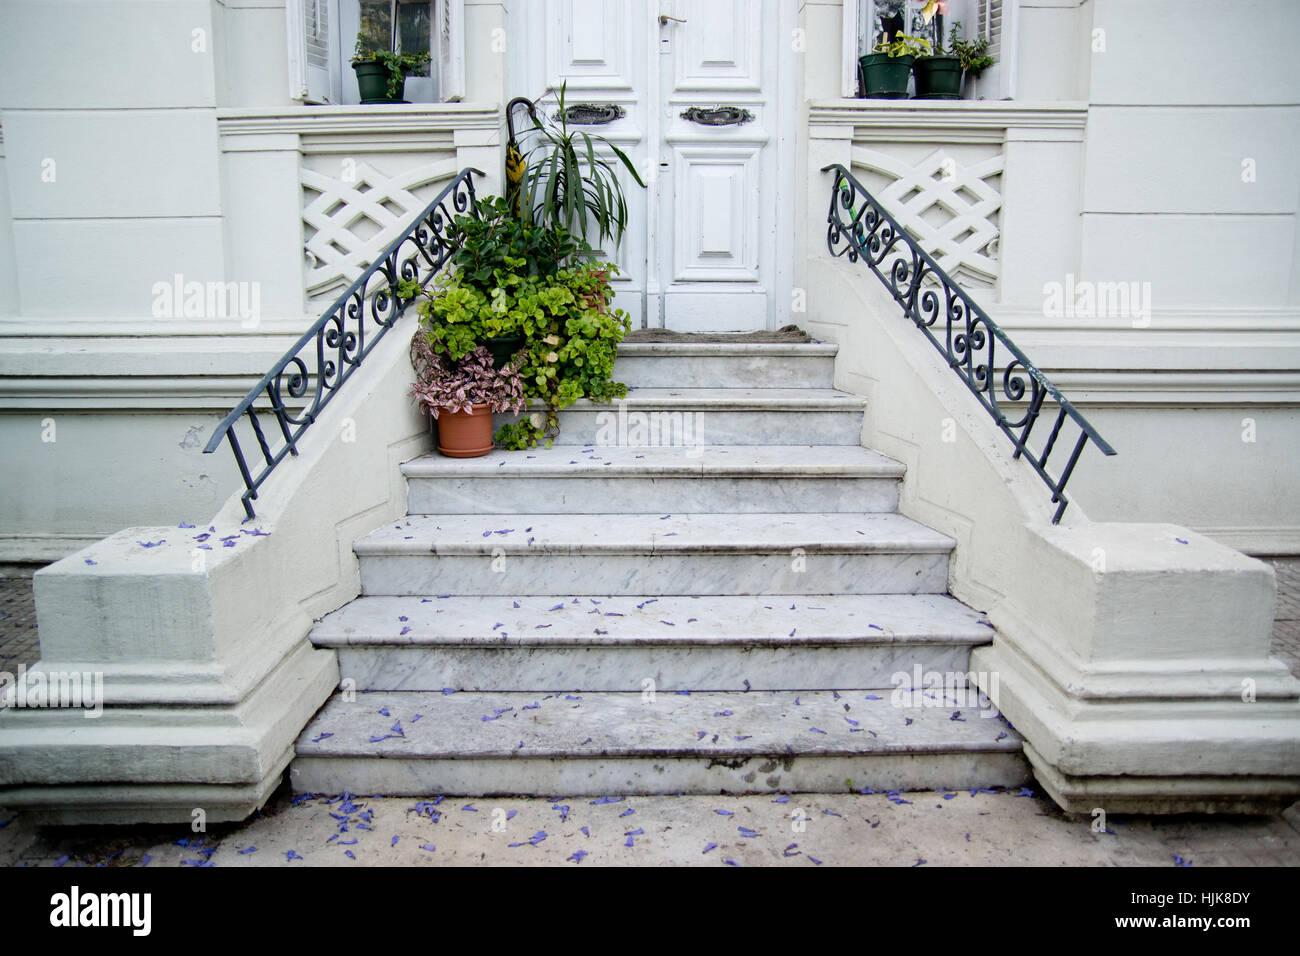 The planta house stock photos the planta house stock for Escaleras entrada casa